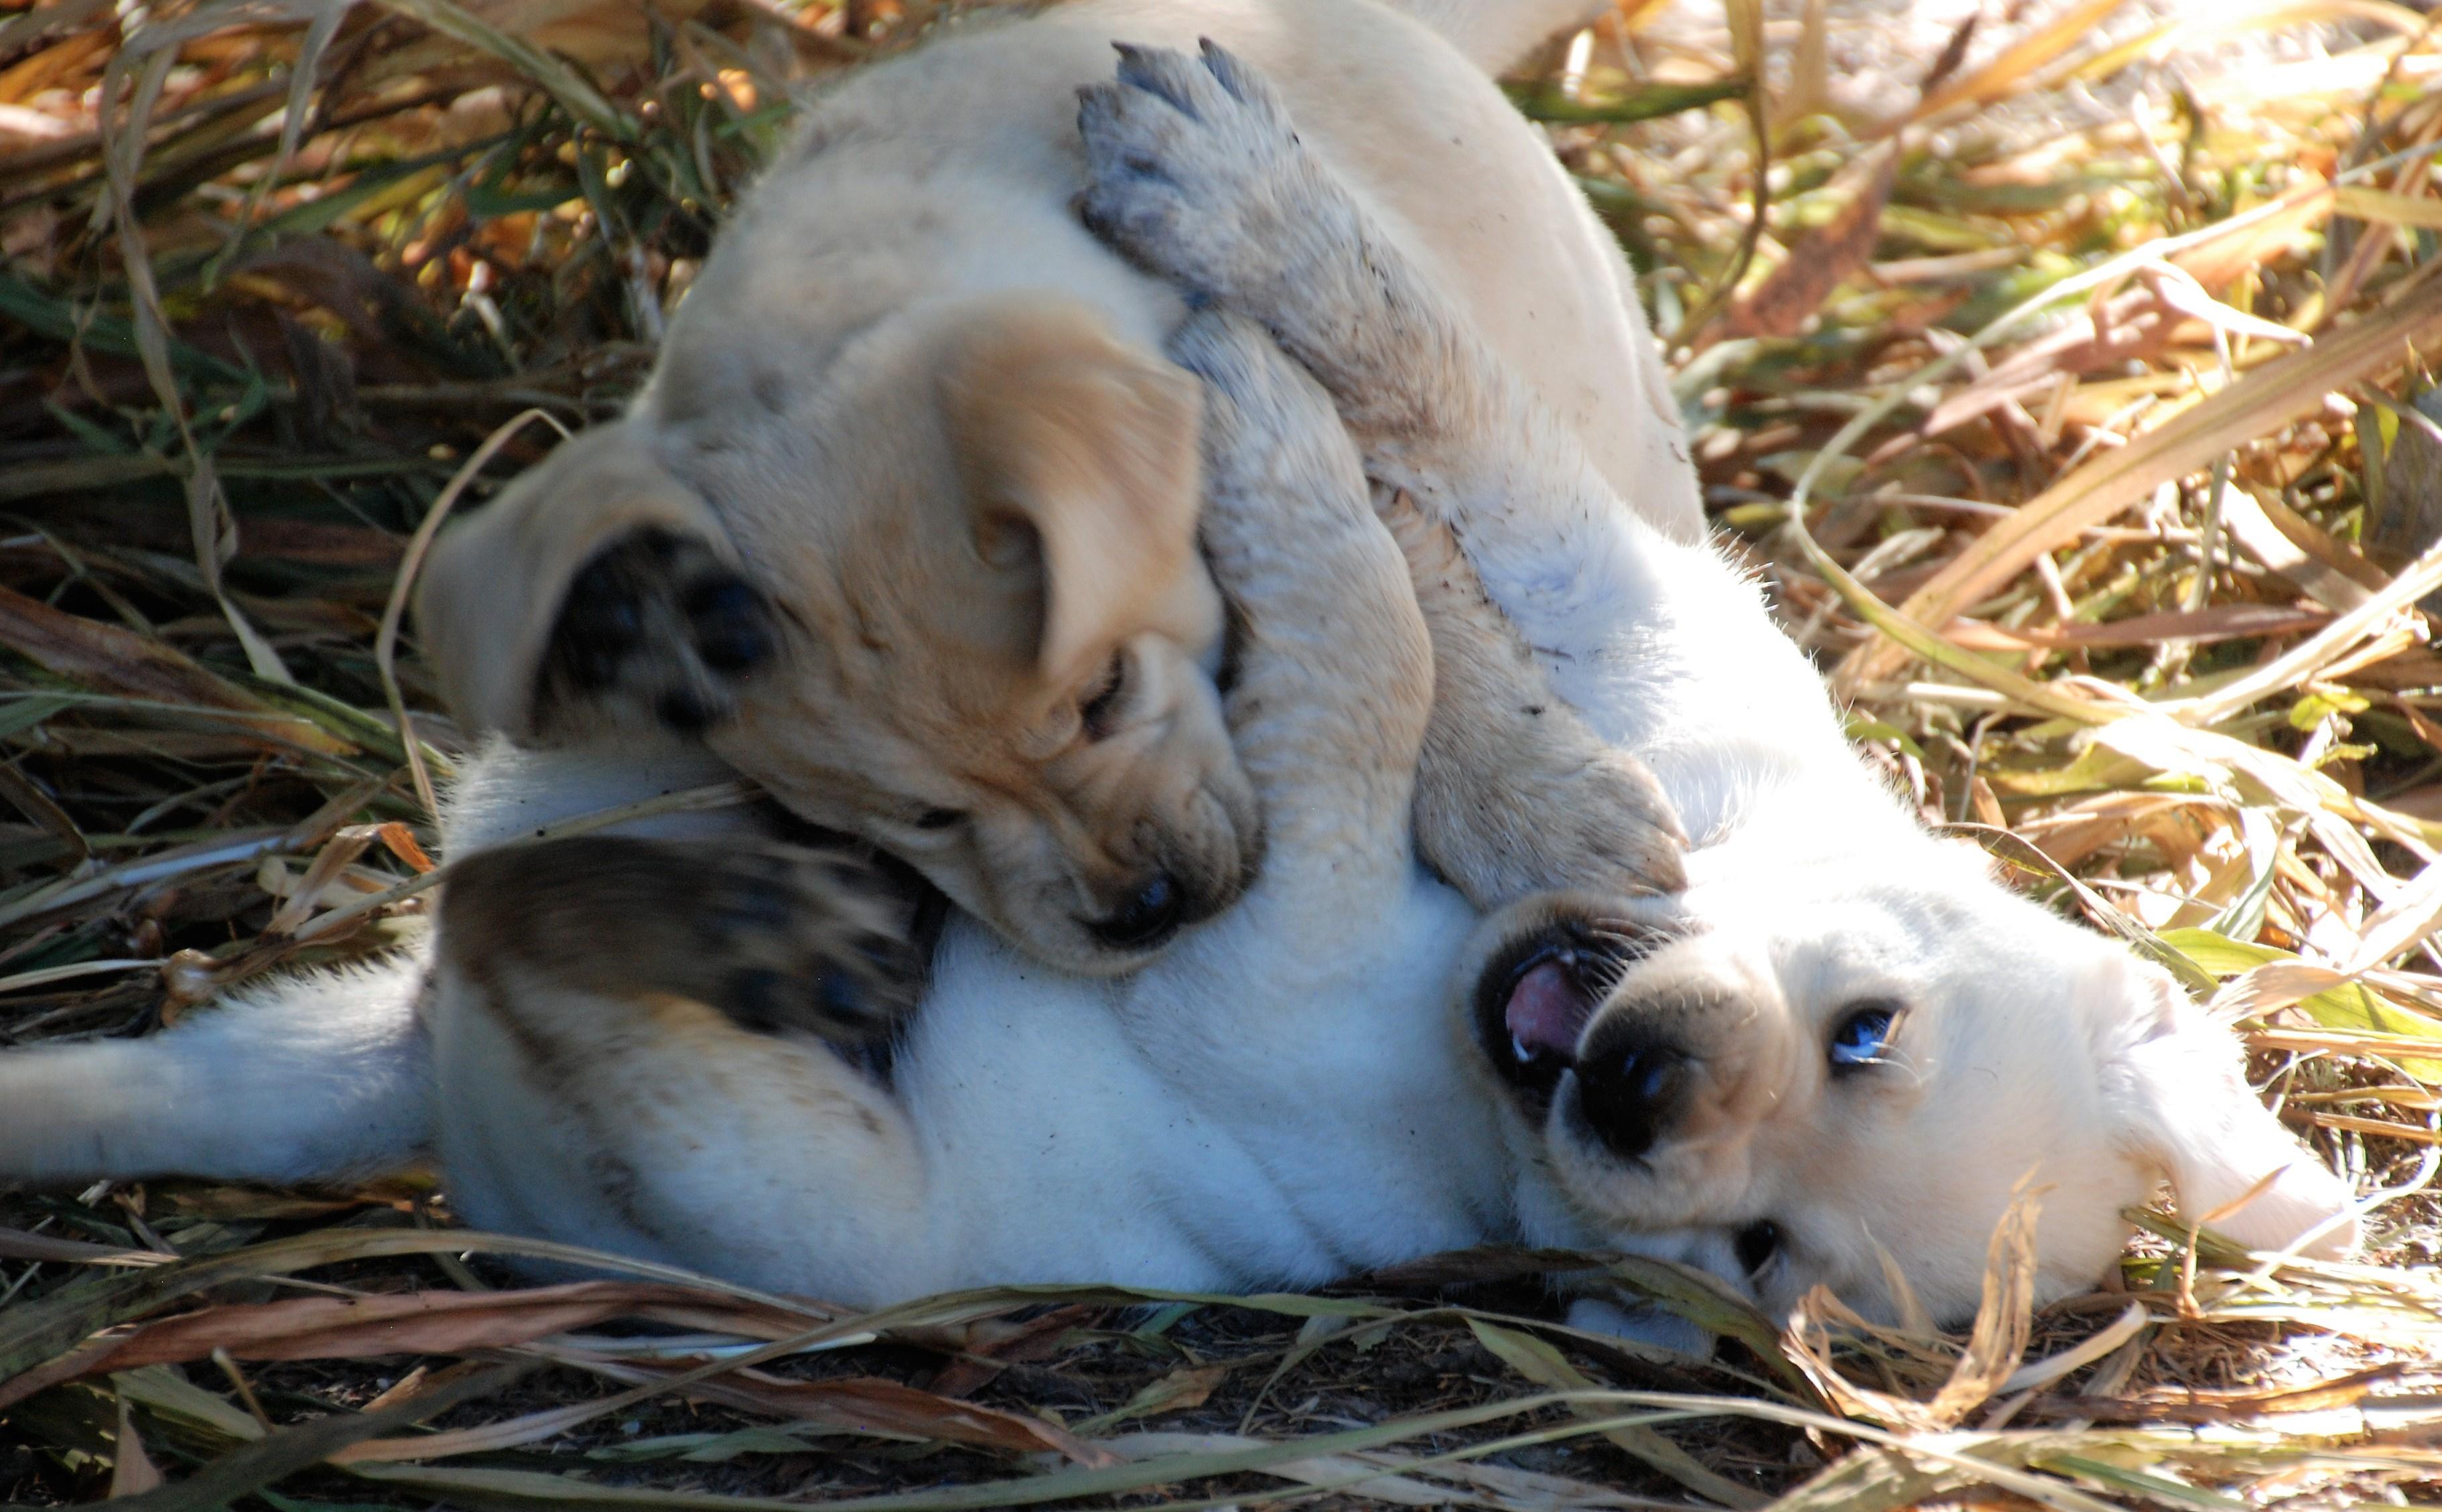 https://0201.nccdn.net/1_2/000/000/143/793/Rosie-Pups-2017b-3645x2257.jpg